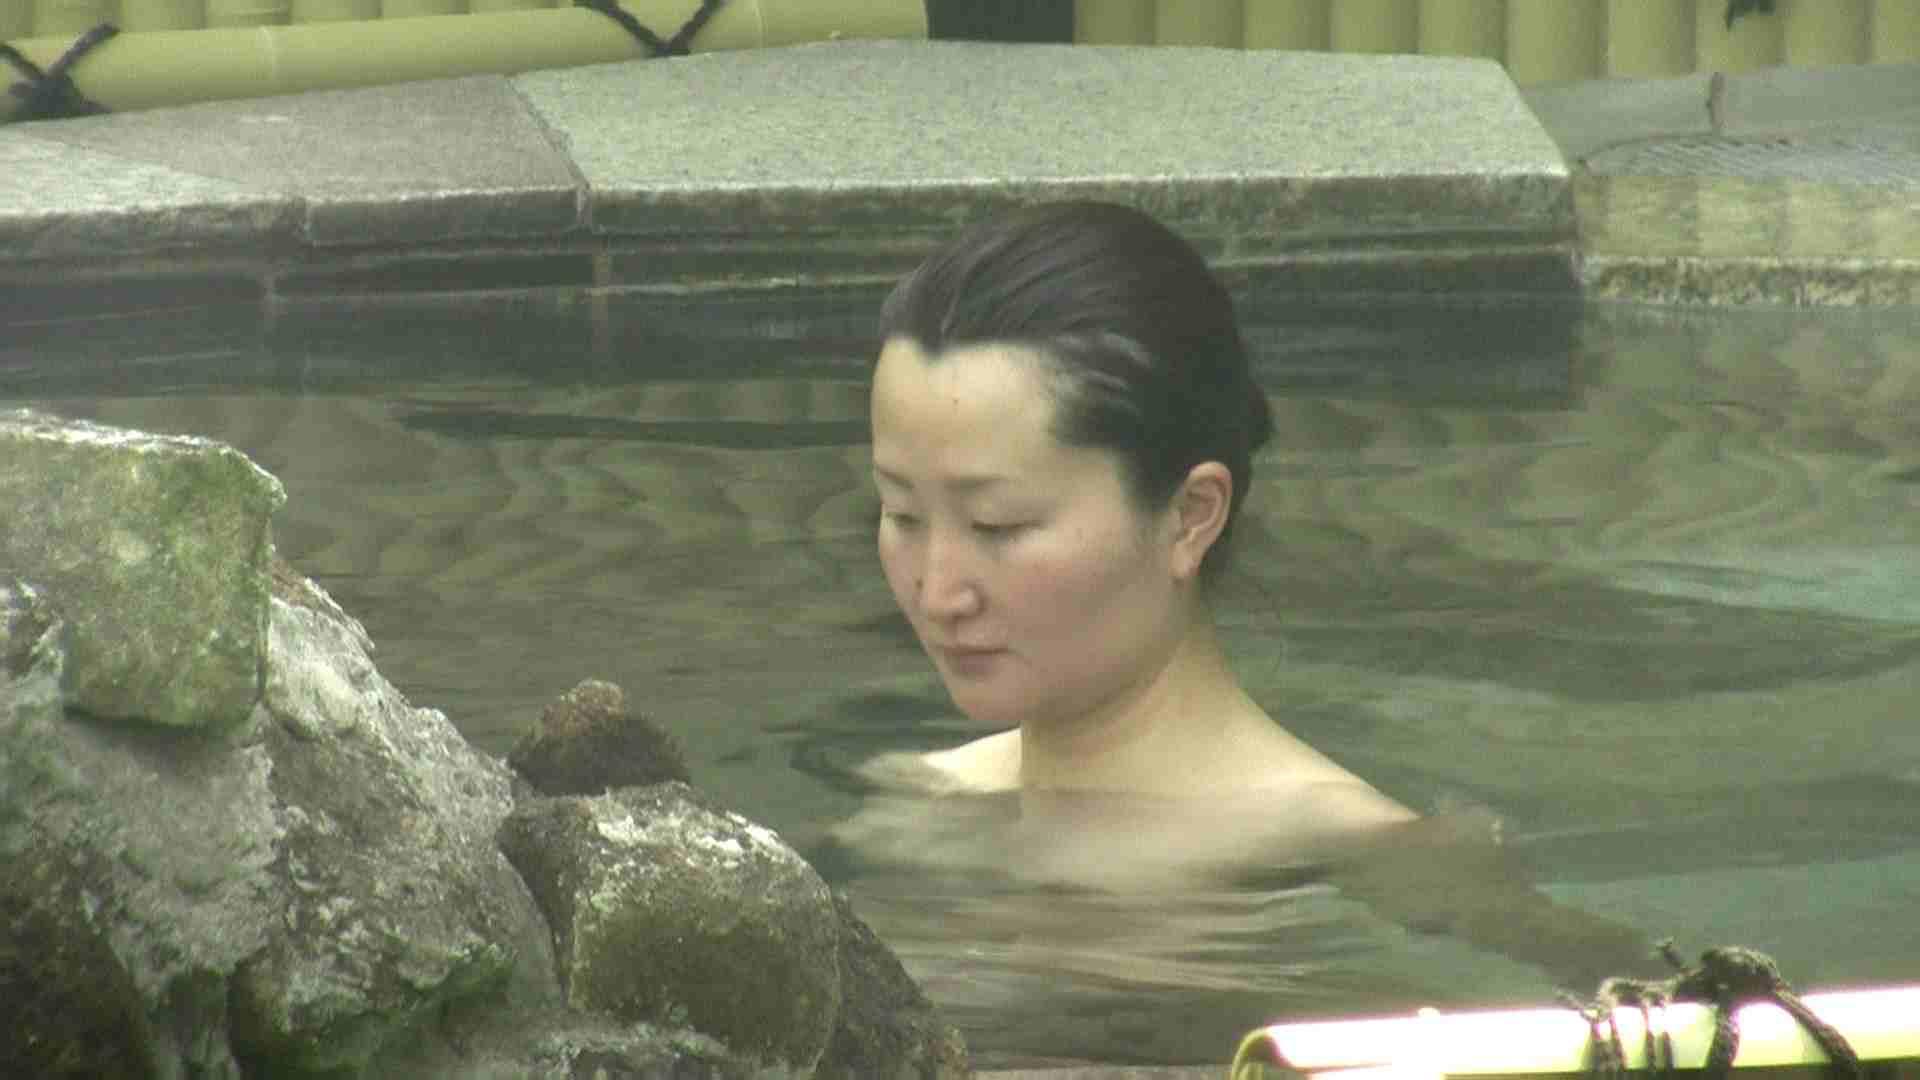 Aquaな露天風呂Vol.632 盗撮シリーズ  100PIX 44